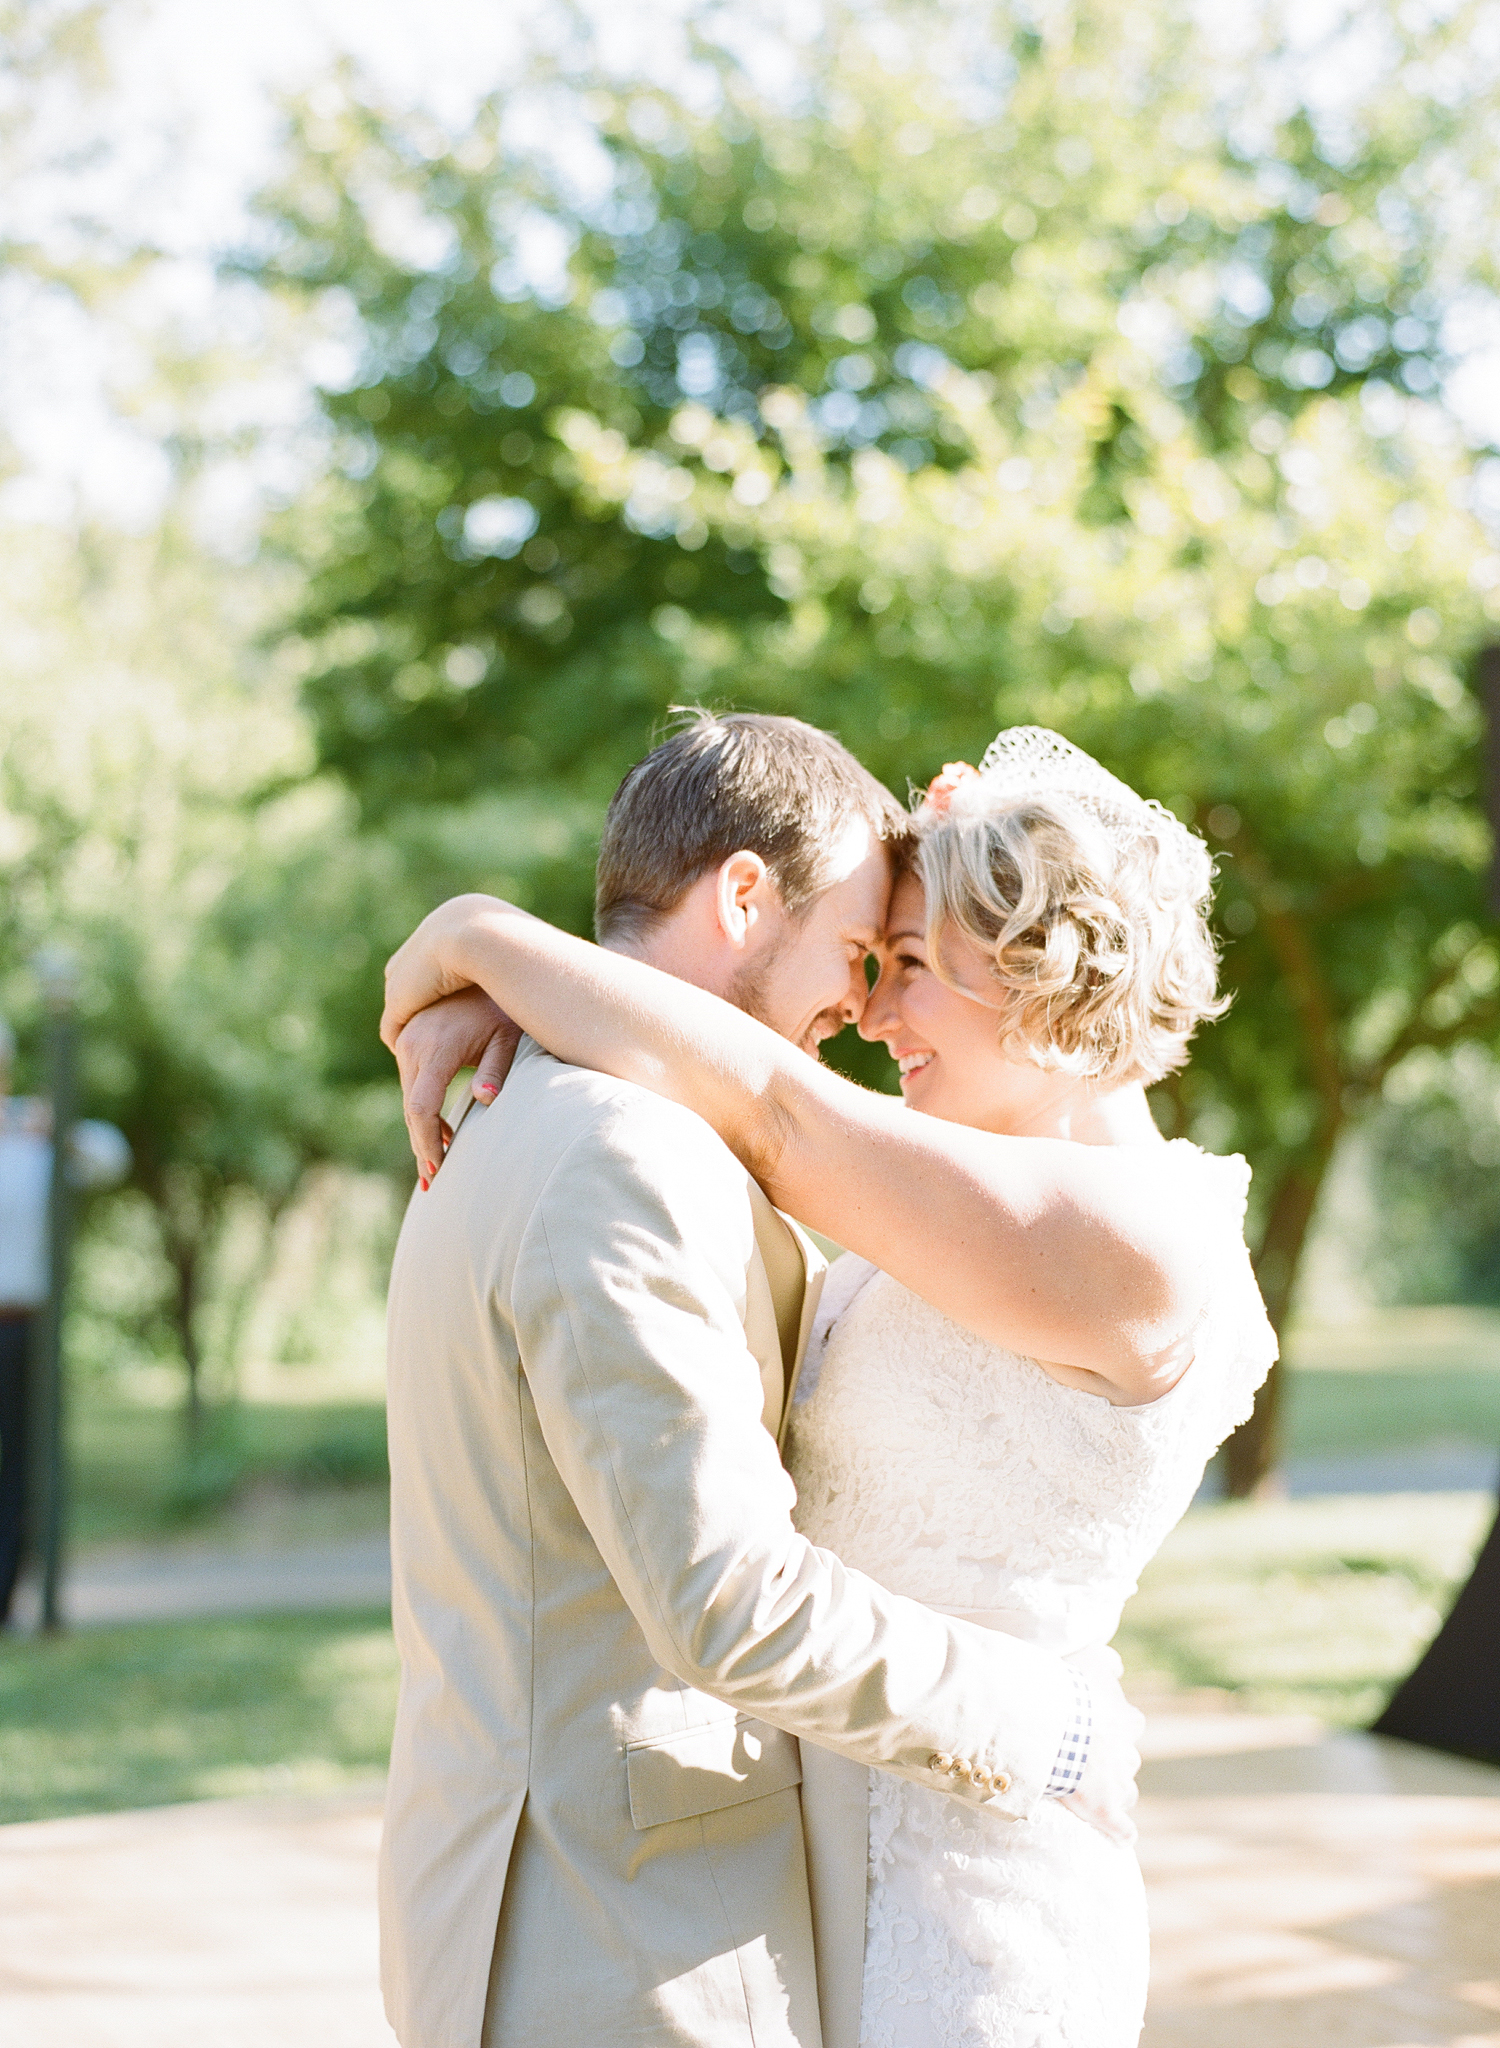 43-bride-groom-first-dance.jpg